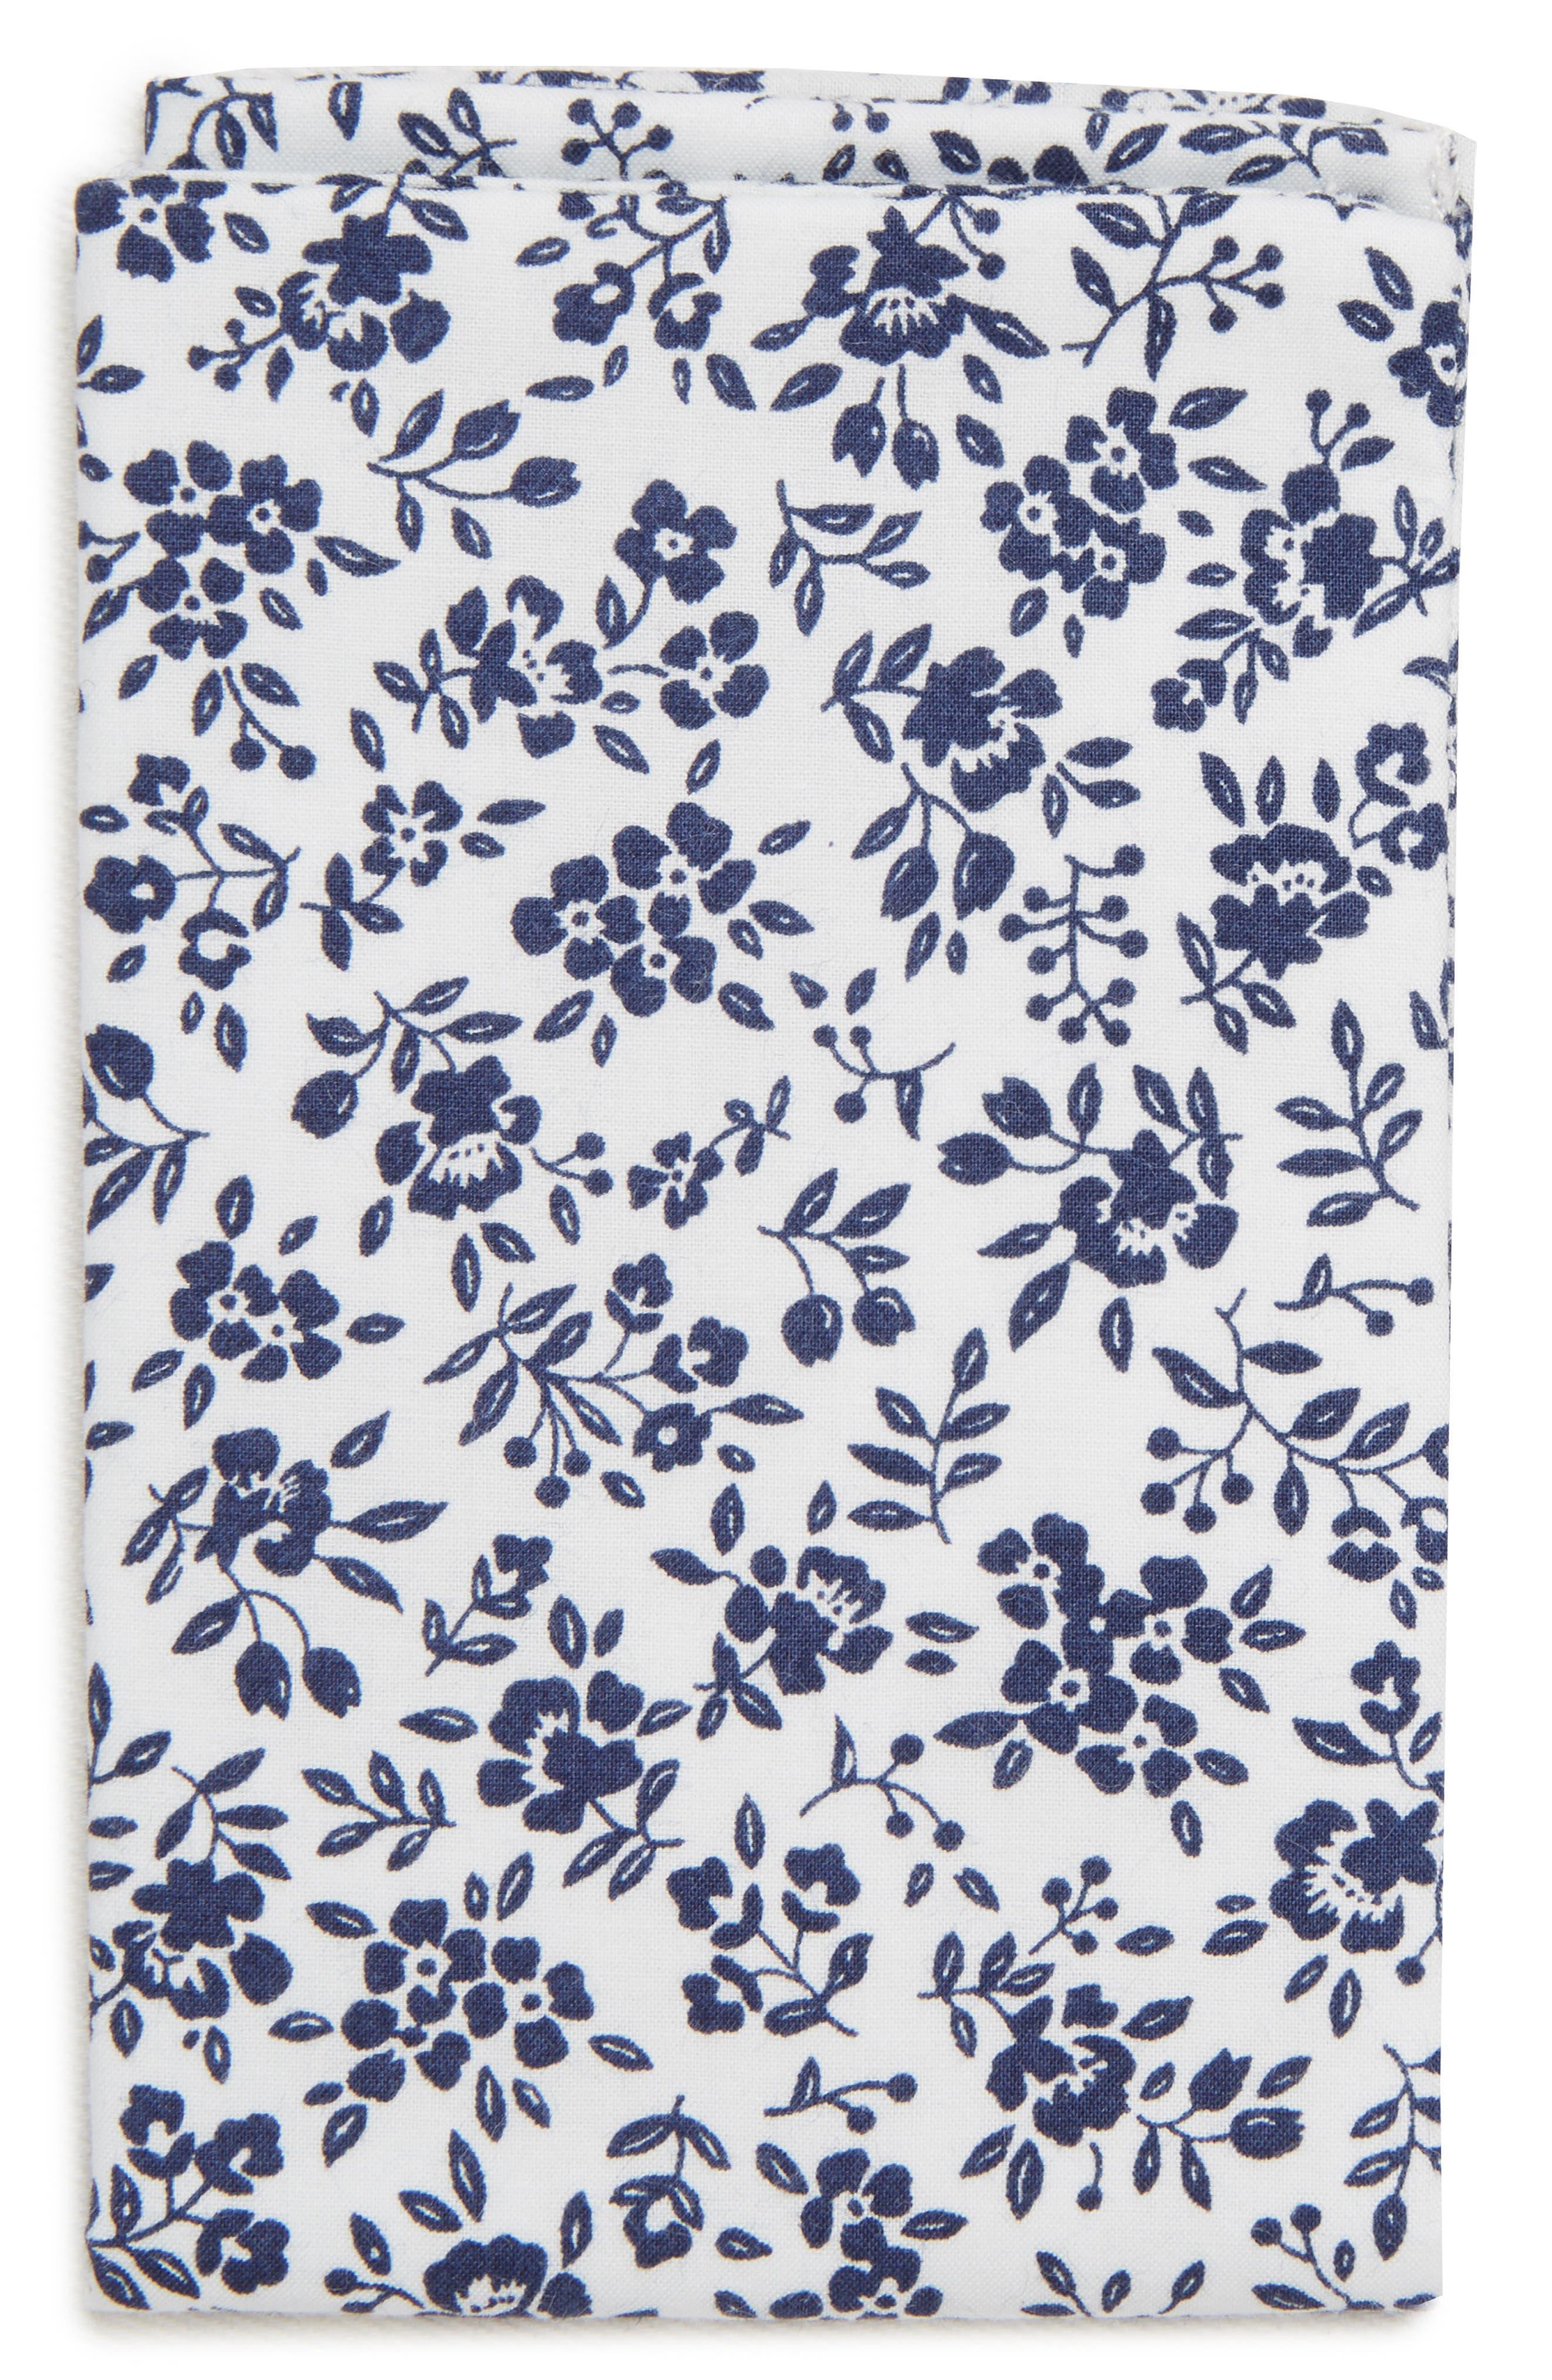 Floral Cotton Pocket Square,                             Main thumbnail 1, color,                             400